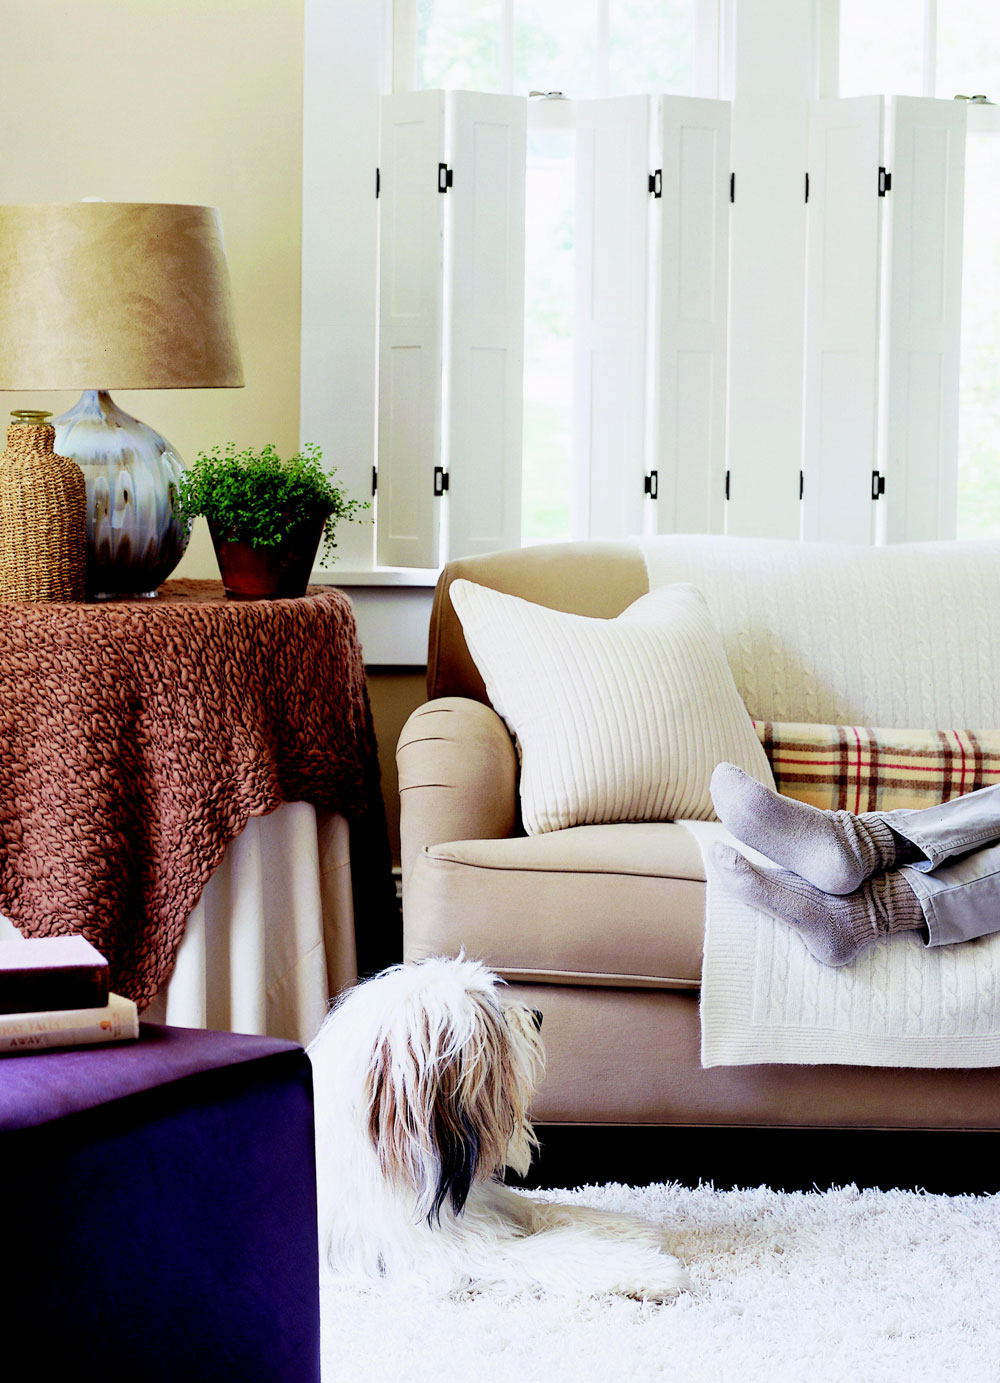 Fluffy, furry, woolly decor